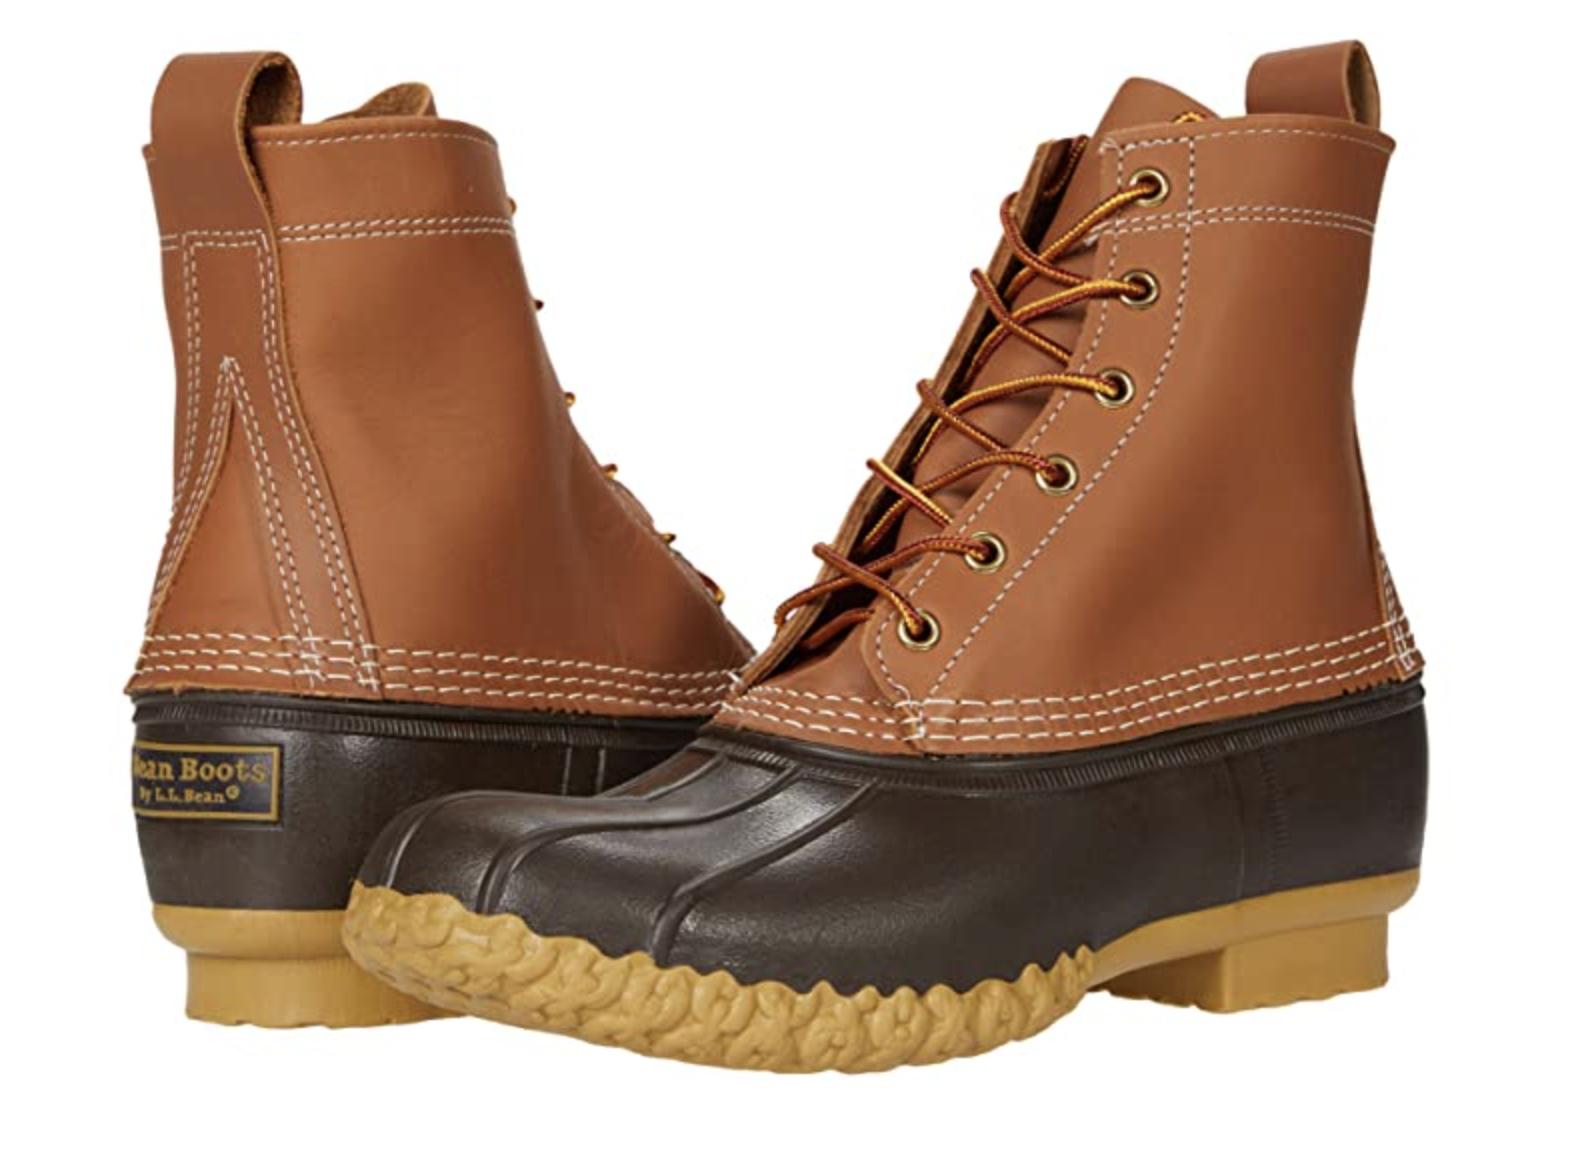 bean boots, best waterproof boots